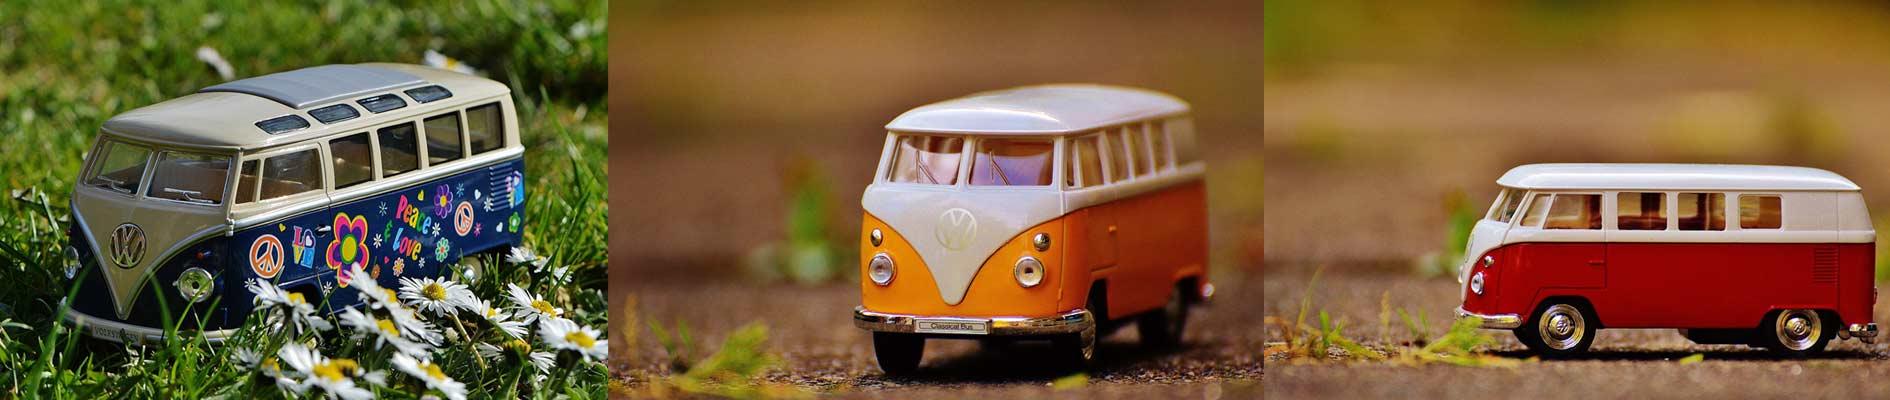 la conduite et le permis en namibie campingcar online. Black Bedroom Furniture Sets. Home Design Ideas